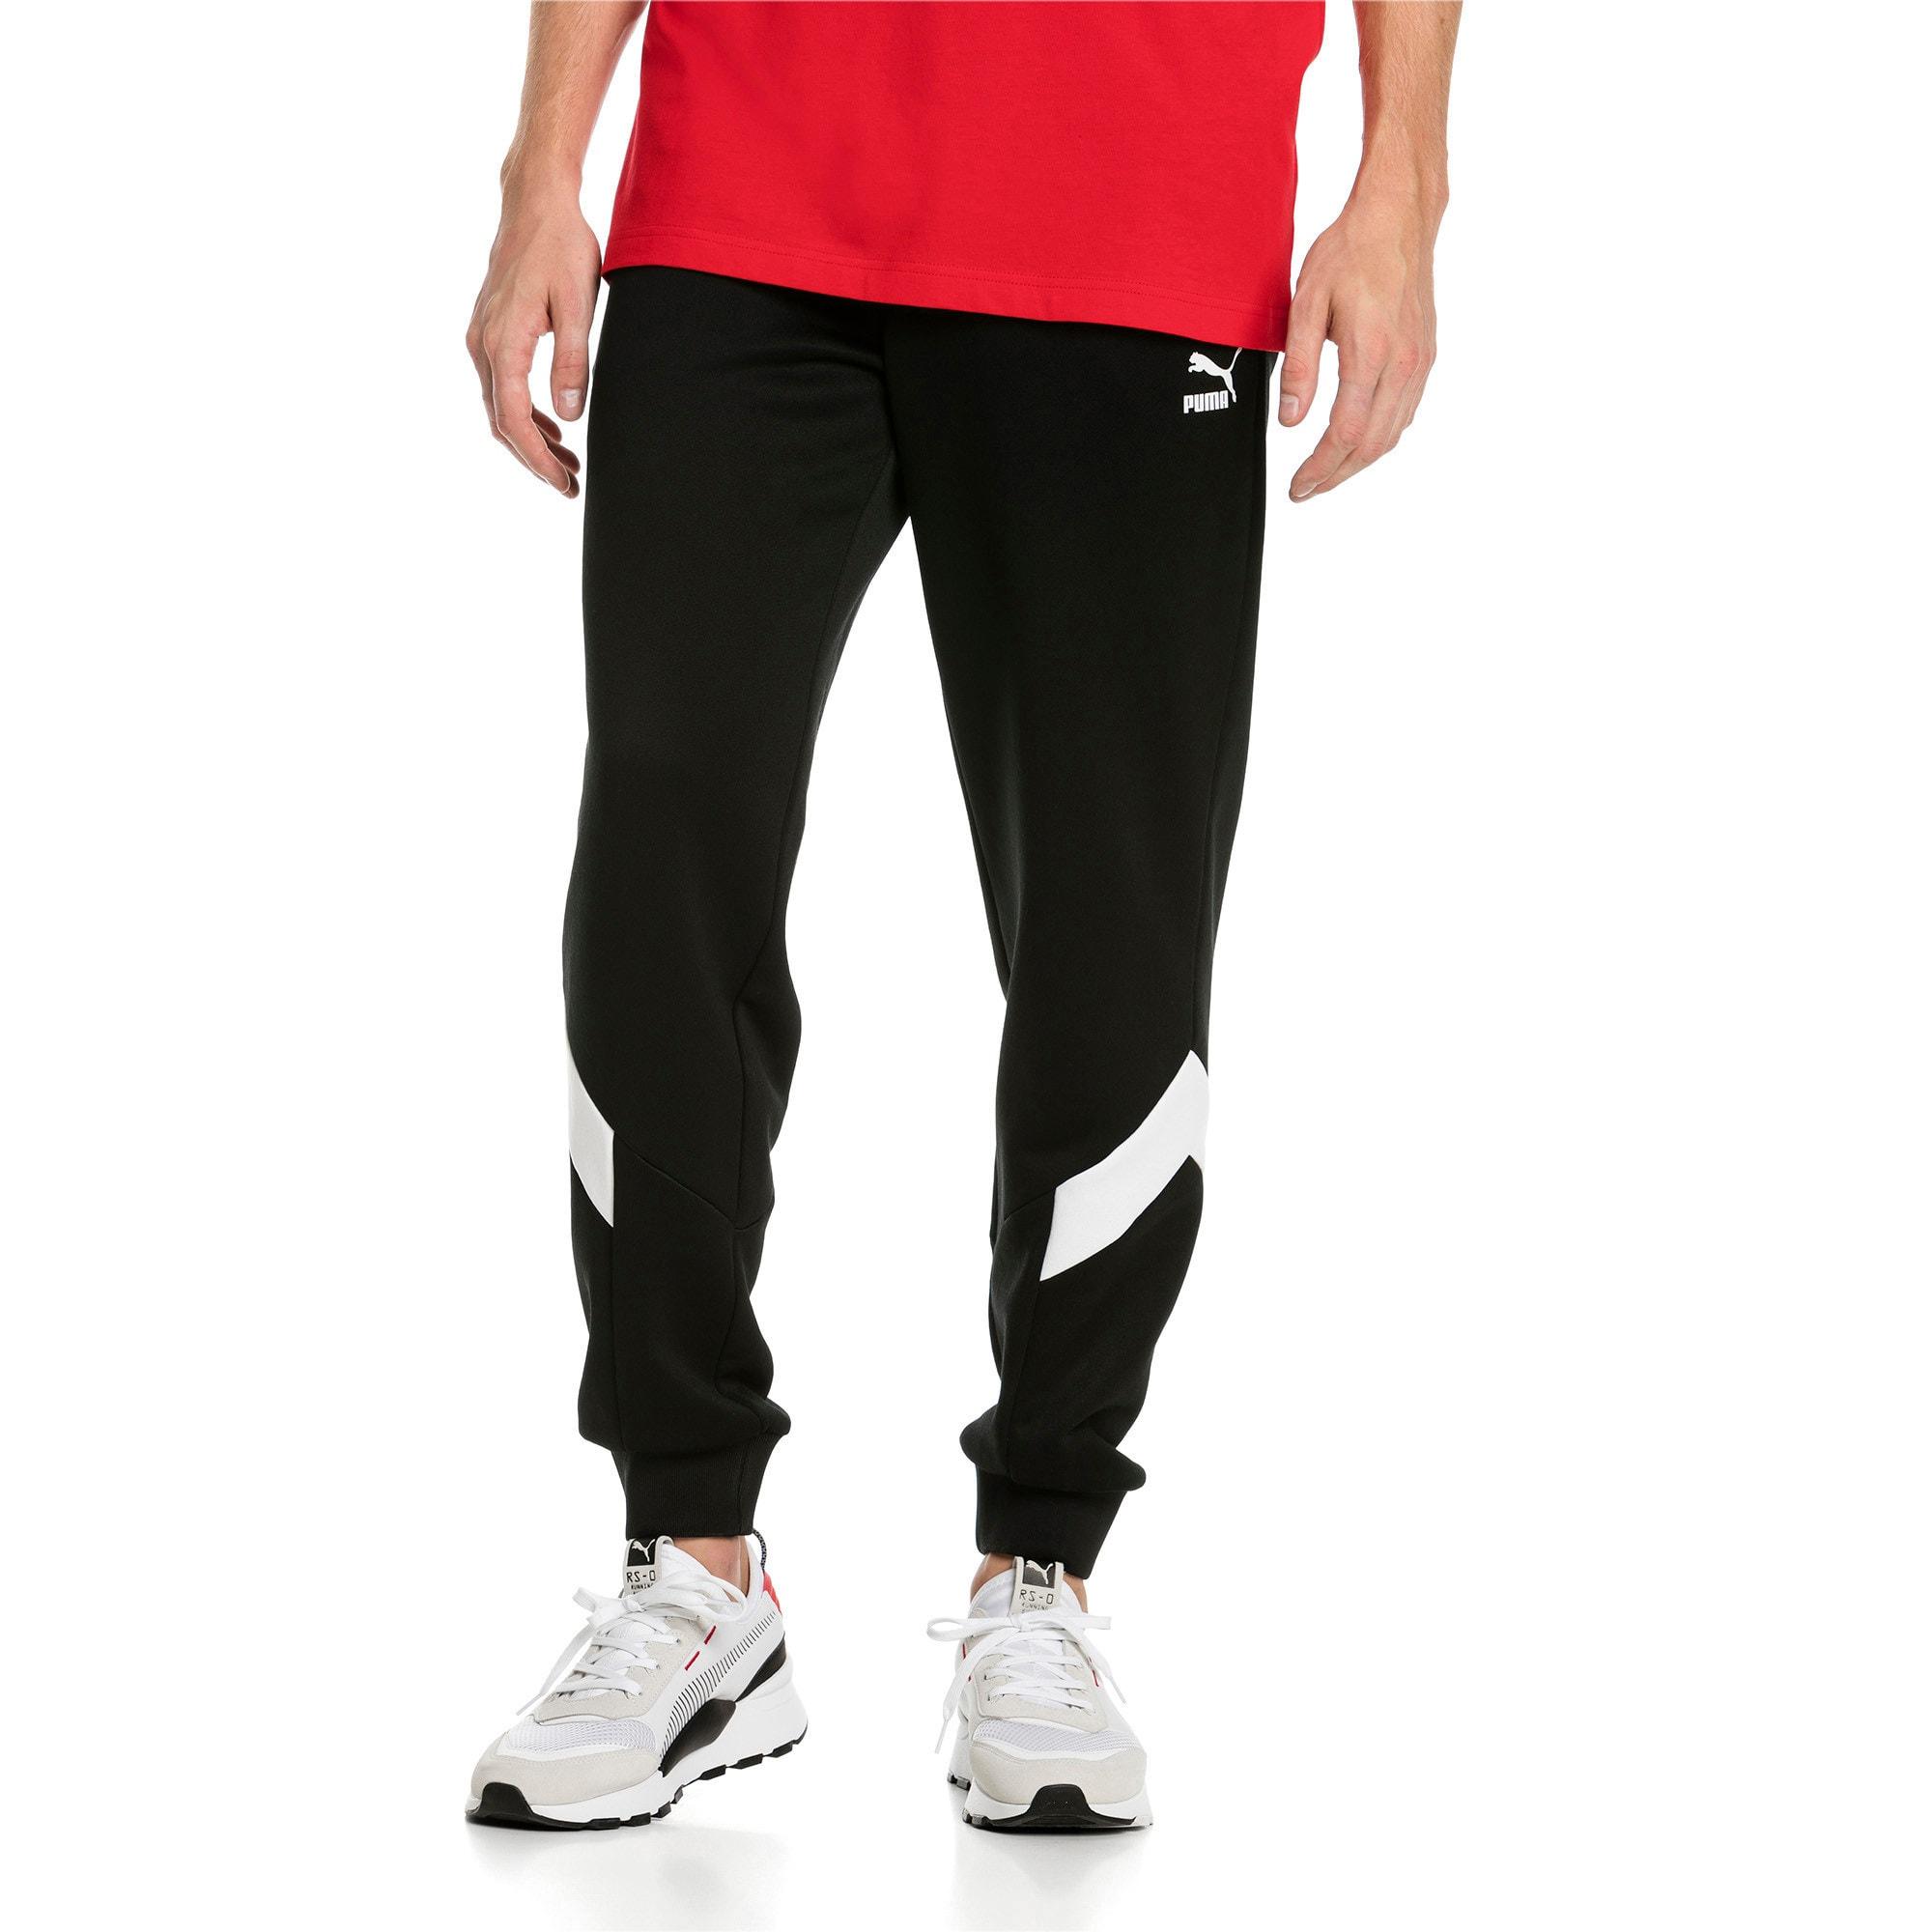 Thumbnail 2 of Iconic MCS Men's Track Pants, Puma Black -1, medium